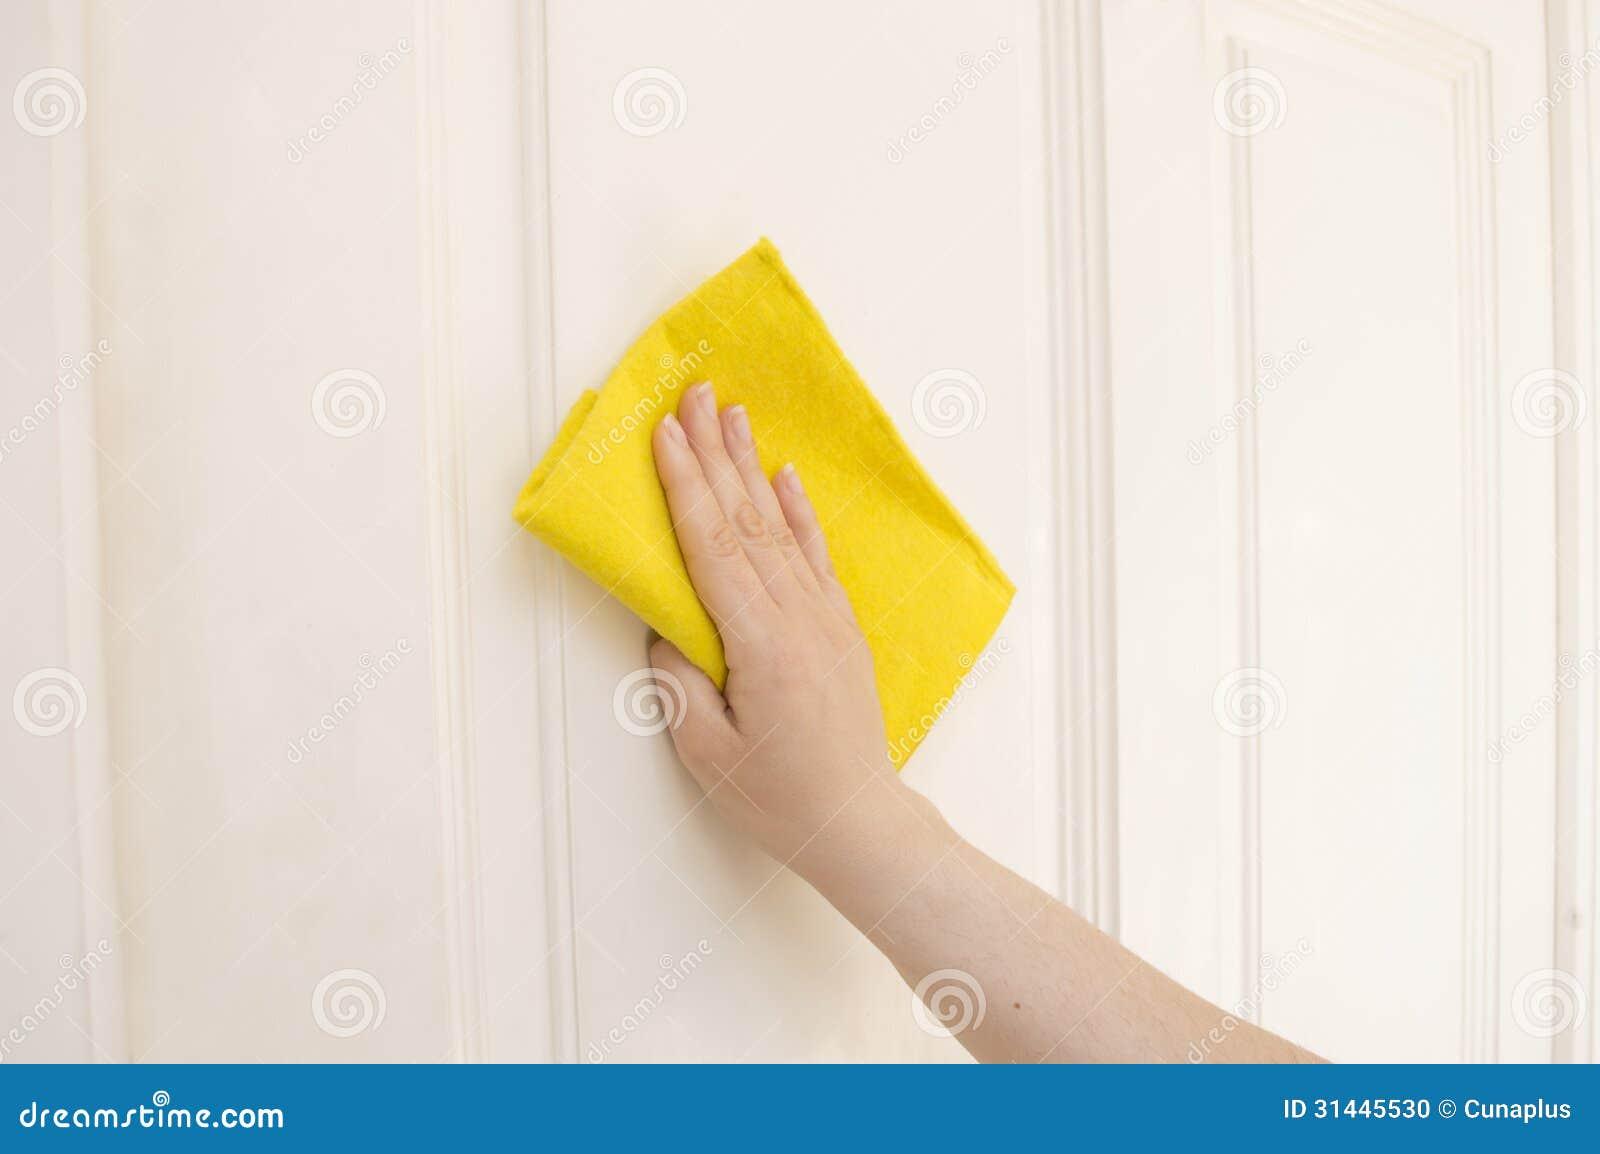 Nettoyage d 39 une porte blanche avec un tissu jaune photo - Nettoyer une porte en bois ...